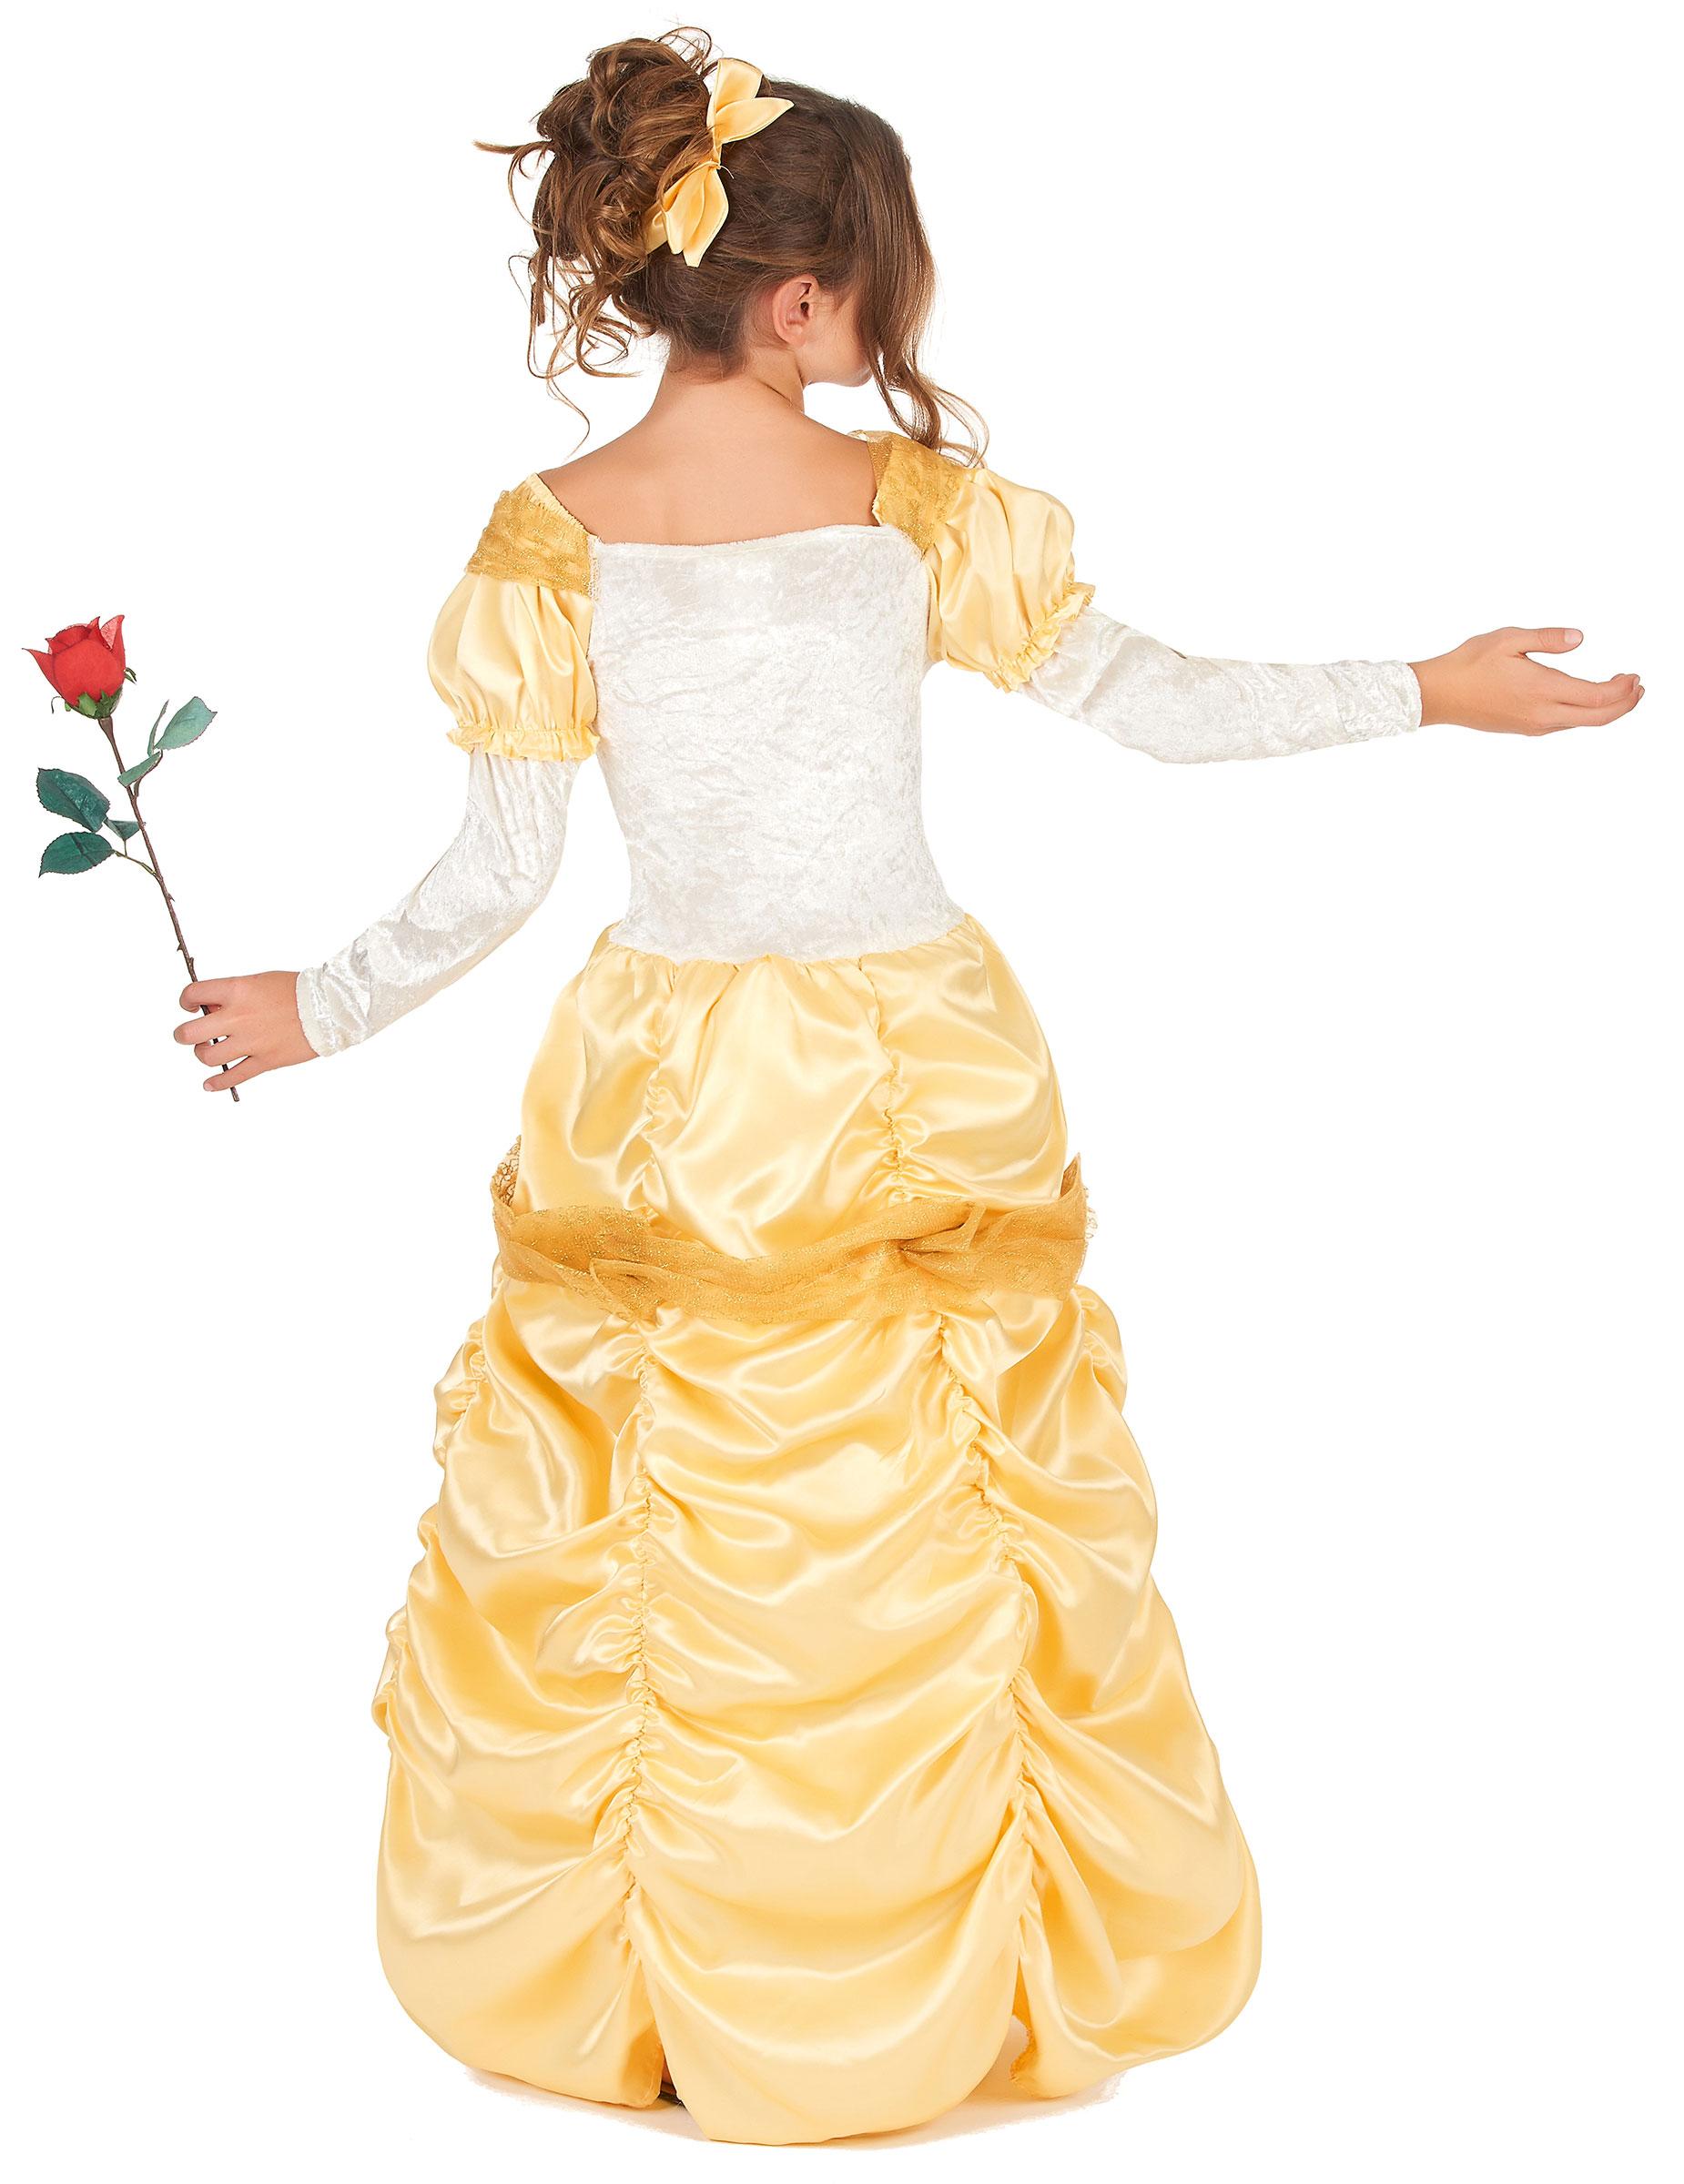 D guisement princesse beaut fille deguise toi achat de d guisements enfants - Deguisement fille princesse ...